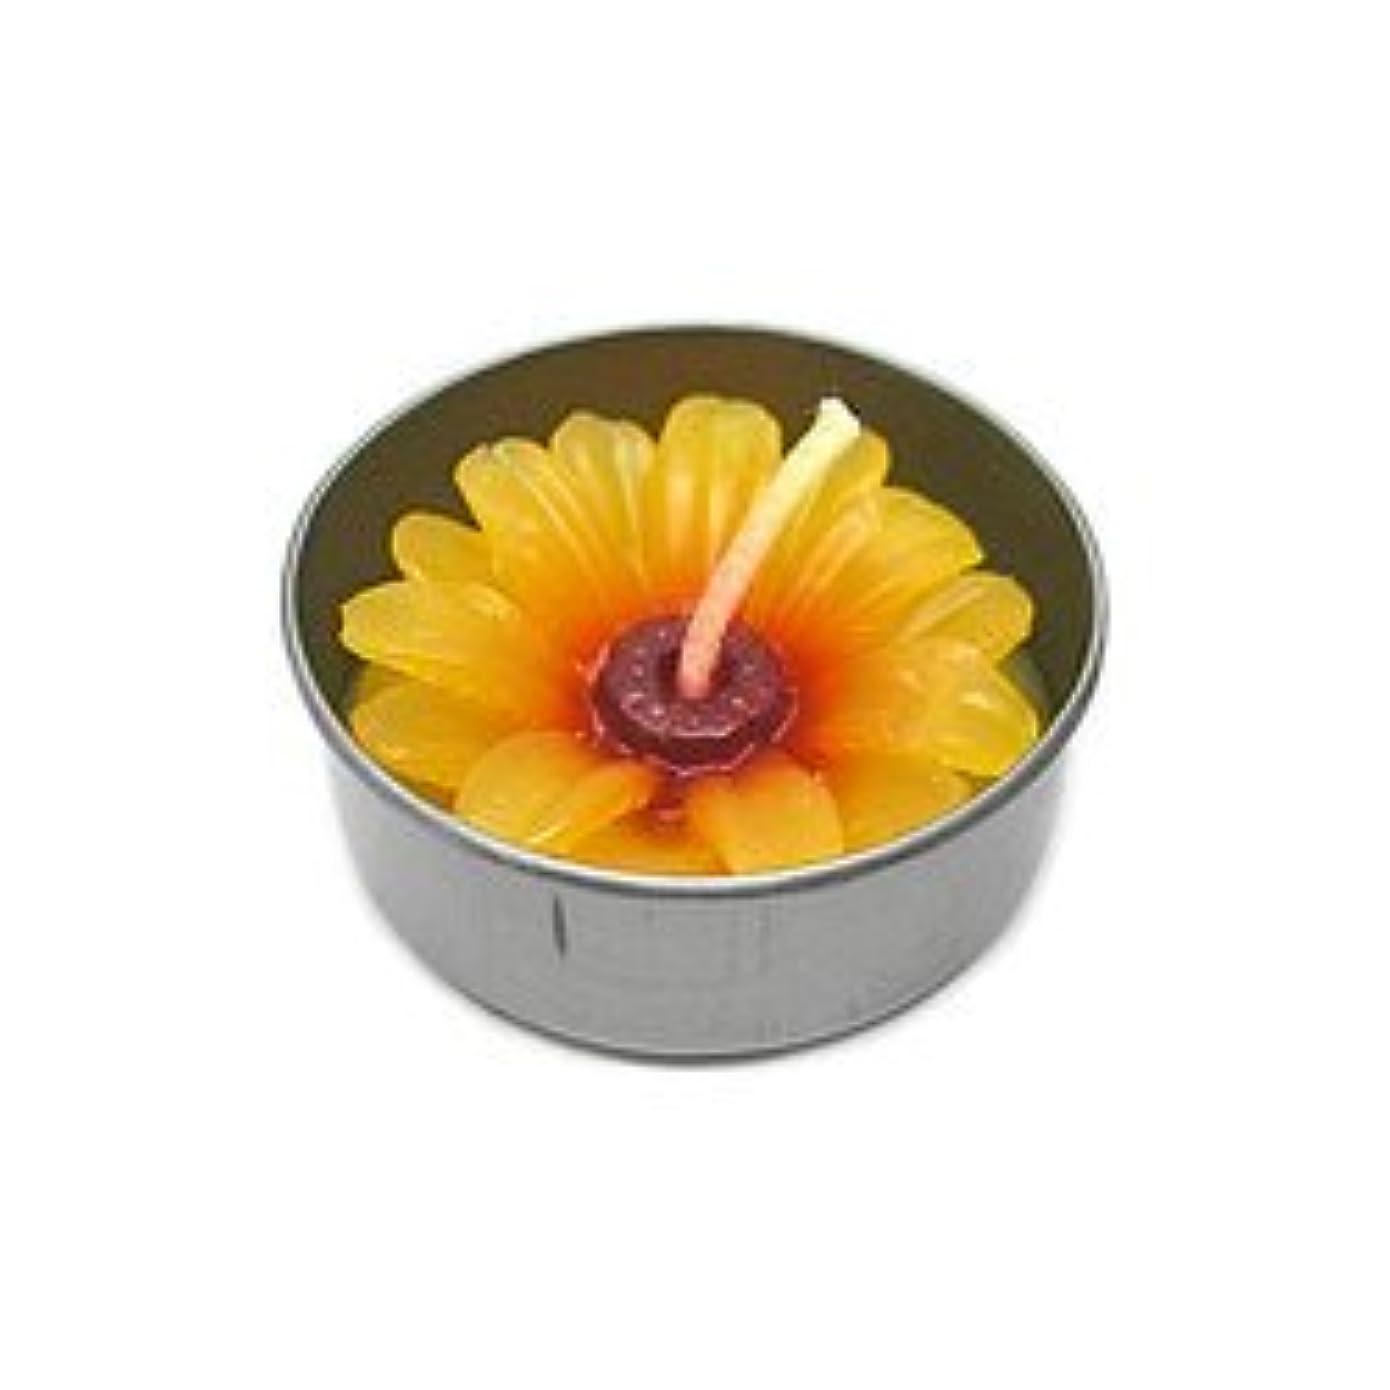 コミュニケーション女性過ちアロマキャンドル  ミニ お花 薄オレンジ 鉄の器入り 器直径4cm アジアン雑貨